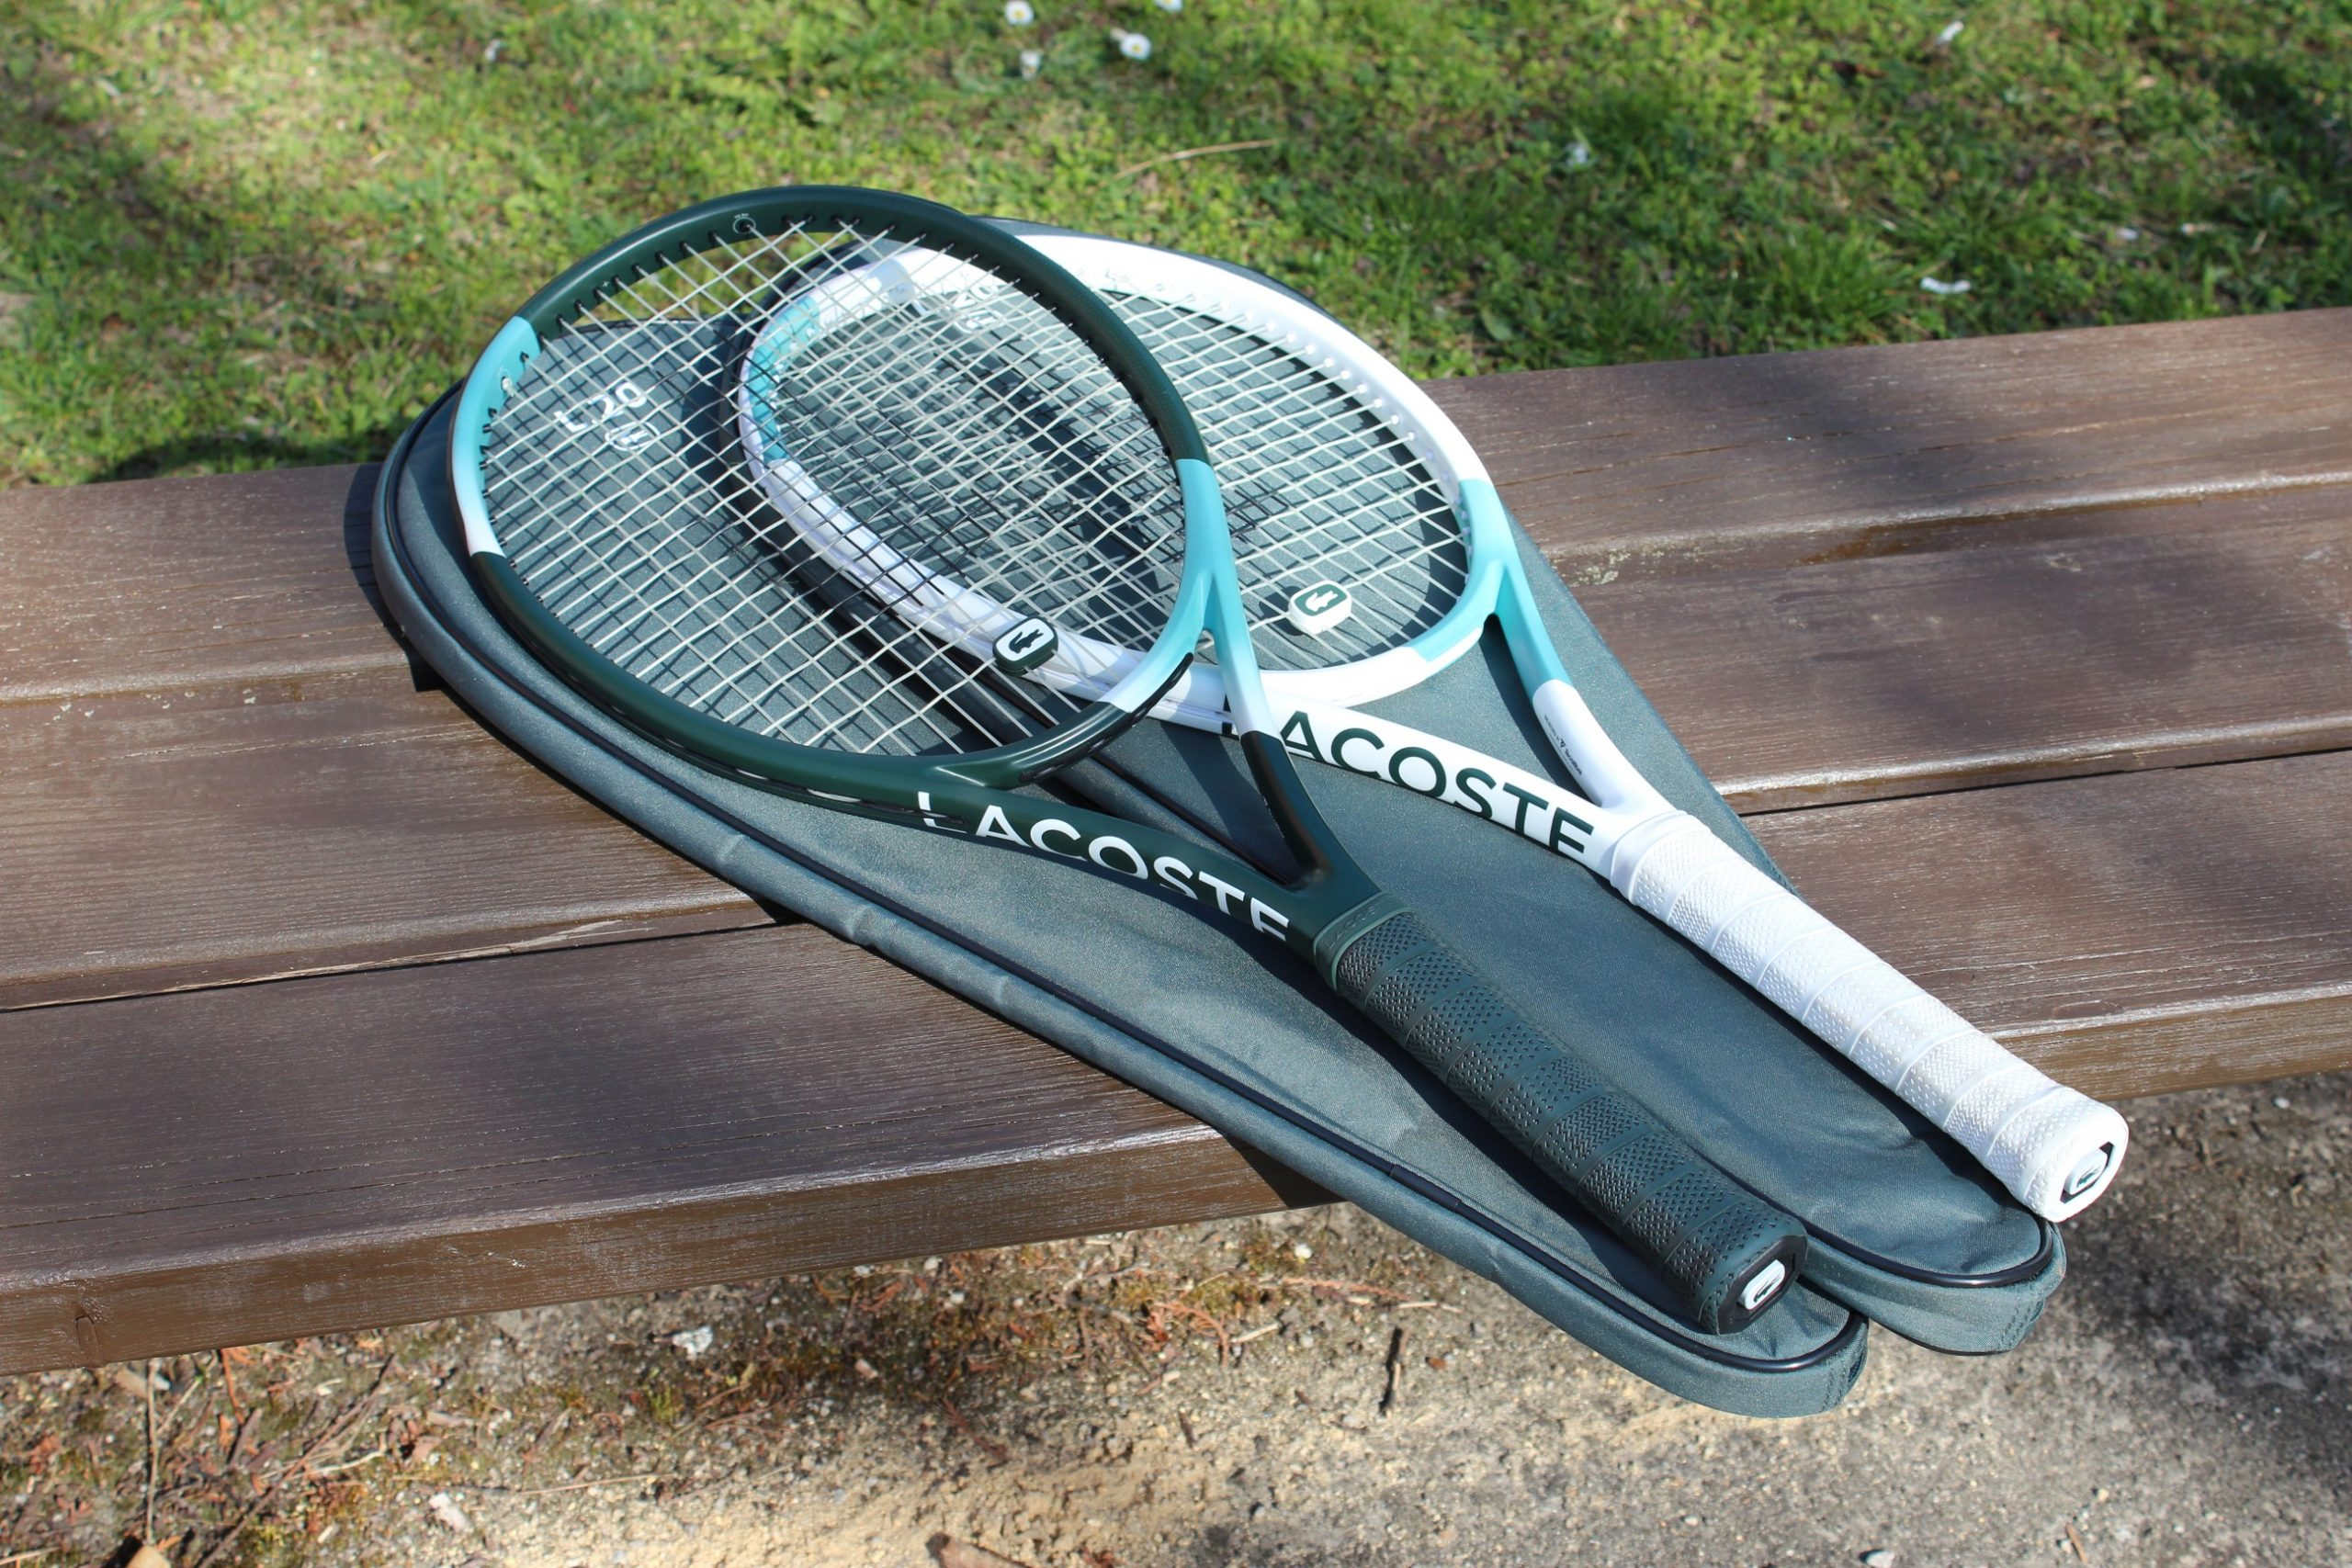 Recenze tenisových raket LACOSTE L20 / L20L – společenské rakety pro movité